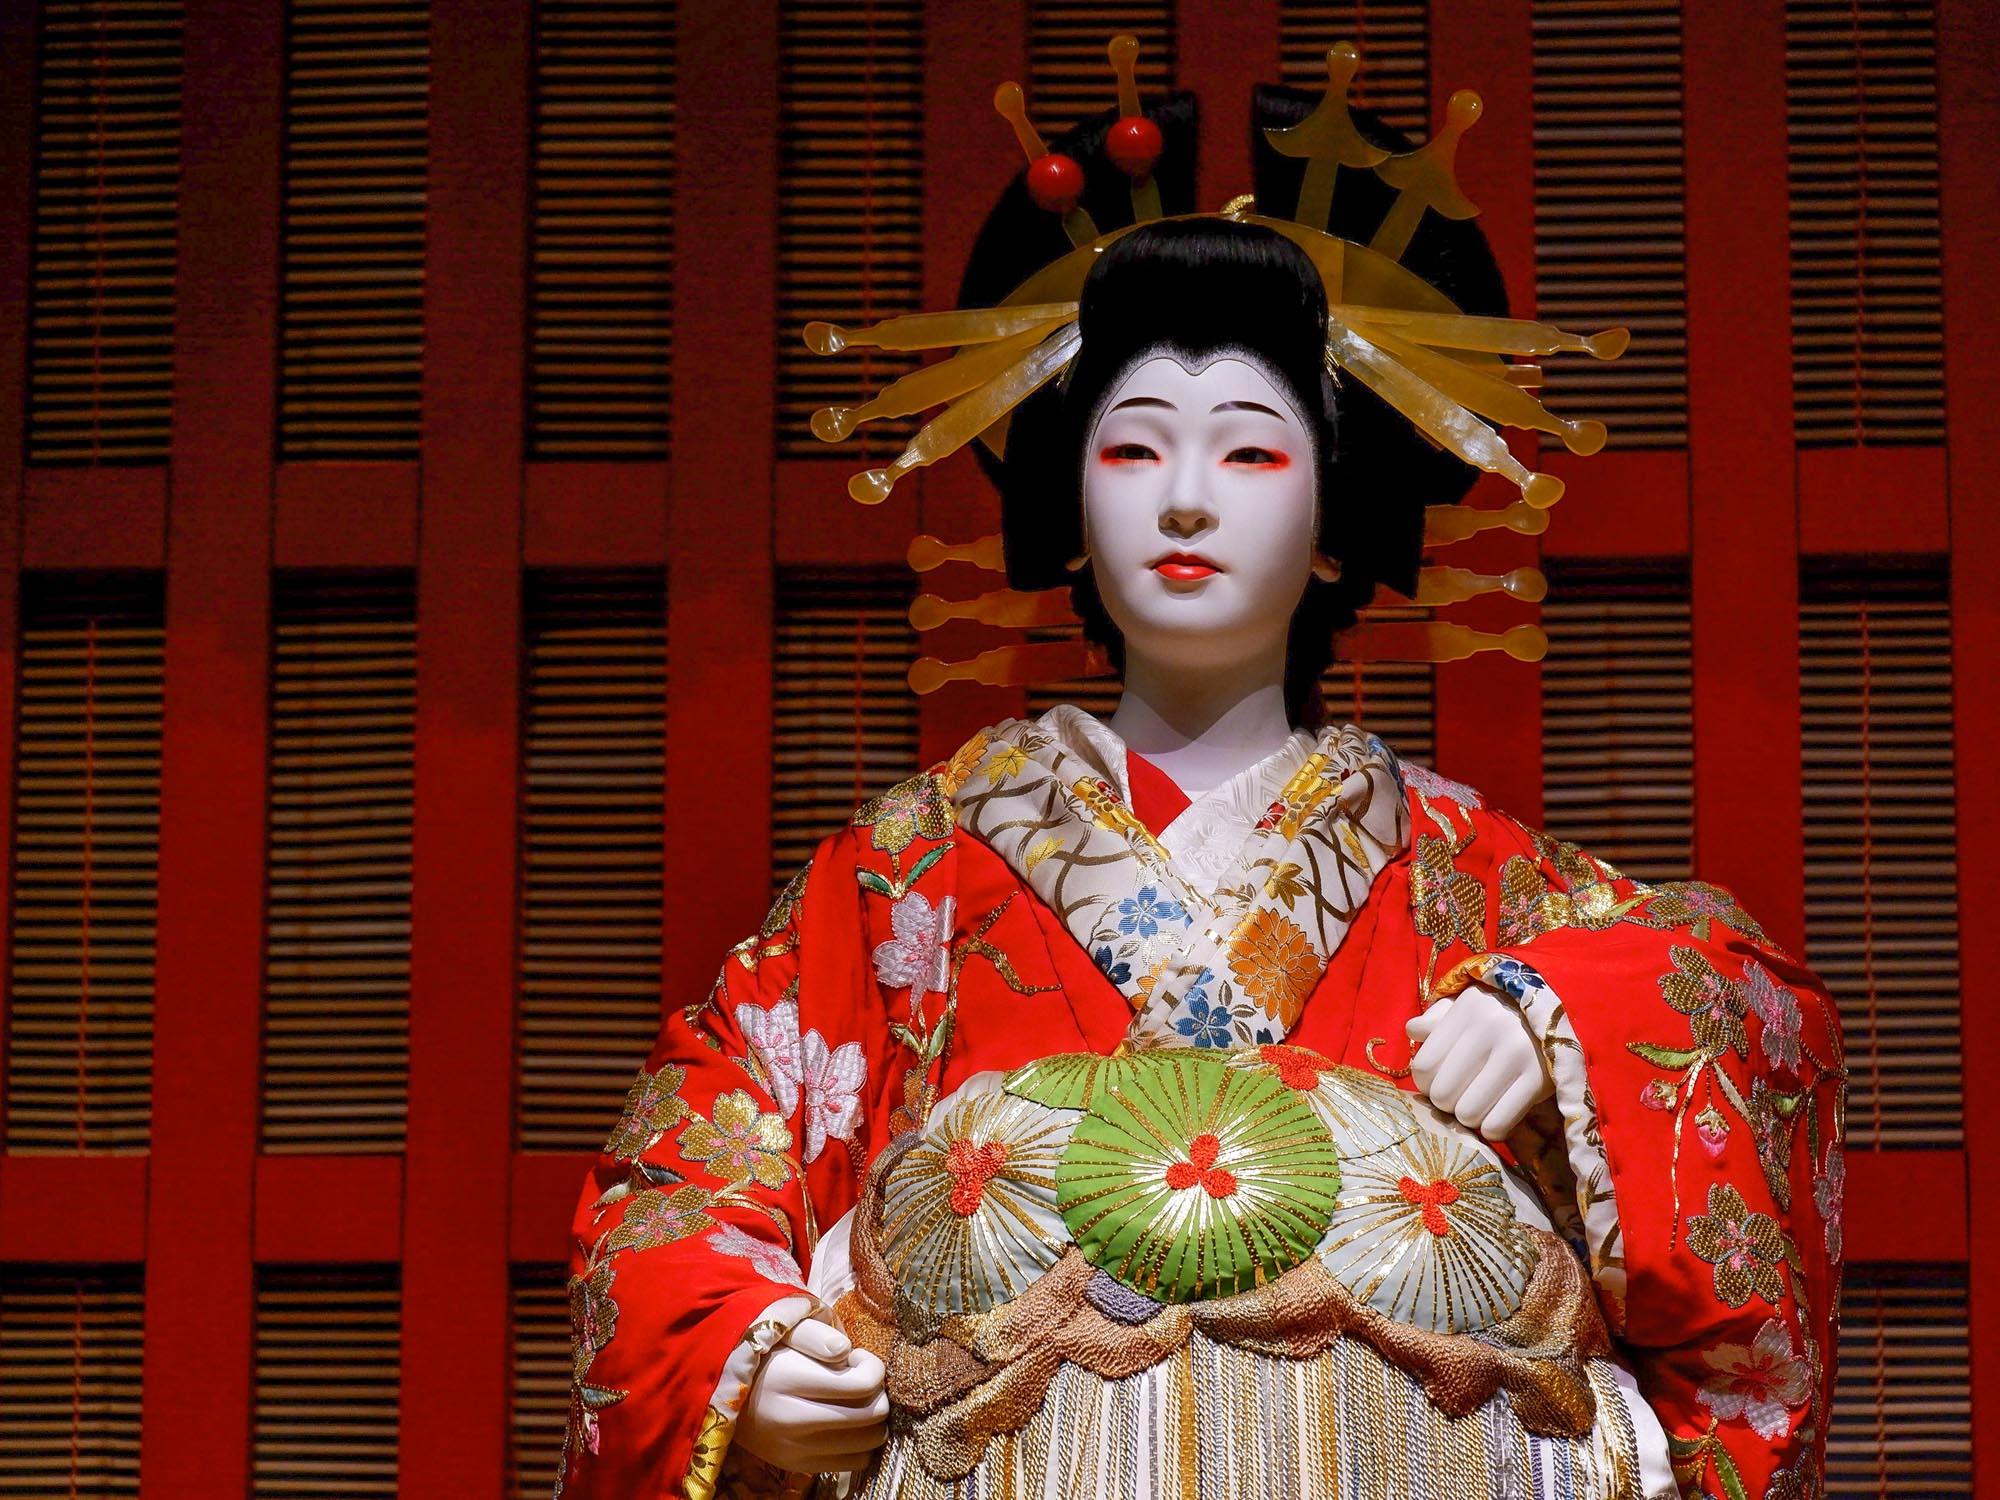 Museos de Tokio, Museo Edo-Tokyo